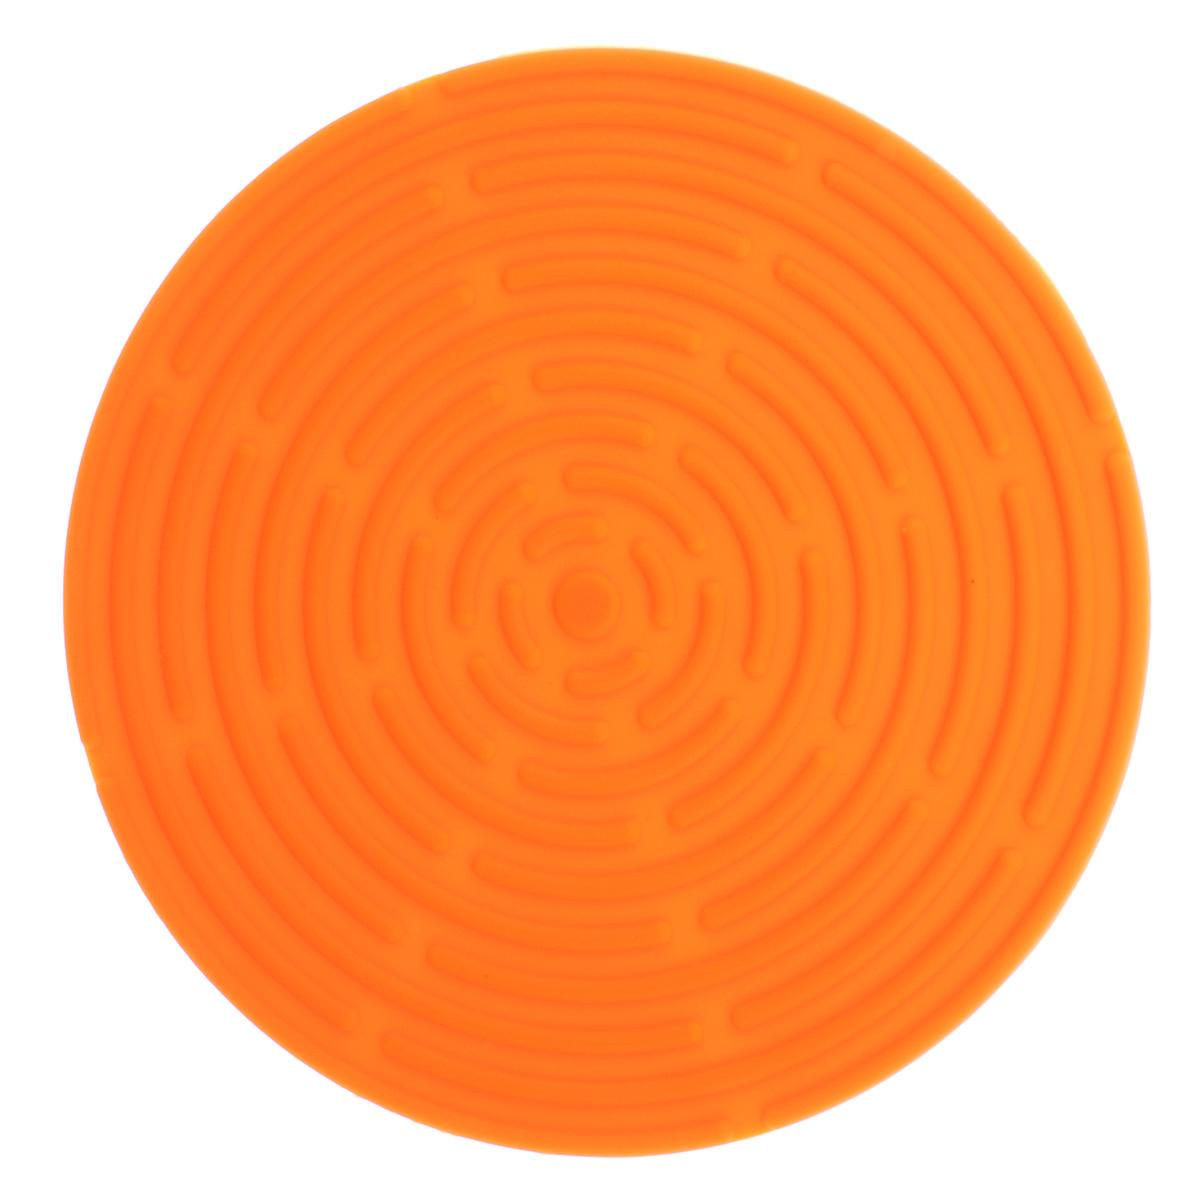 Подставка под горячее Atlantis, цвет: оранжевый, диаметр 15 см. SC-MT-010-OSC-MT-010-OКруглая подставка под горячее Atlantis изготовлена из высококачественного пищевого силикона. Выдерживает температуру до +230°С, не впитывает запахи и предохраняет поверхность вашего стола от высоких температур. Оригинальный дизайн внесет свежесть и новизну в интерьер кухни. Подставка под горячее станет незаменимым помощником на кухне. Легко моется в посудомоечной машине.